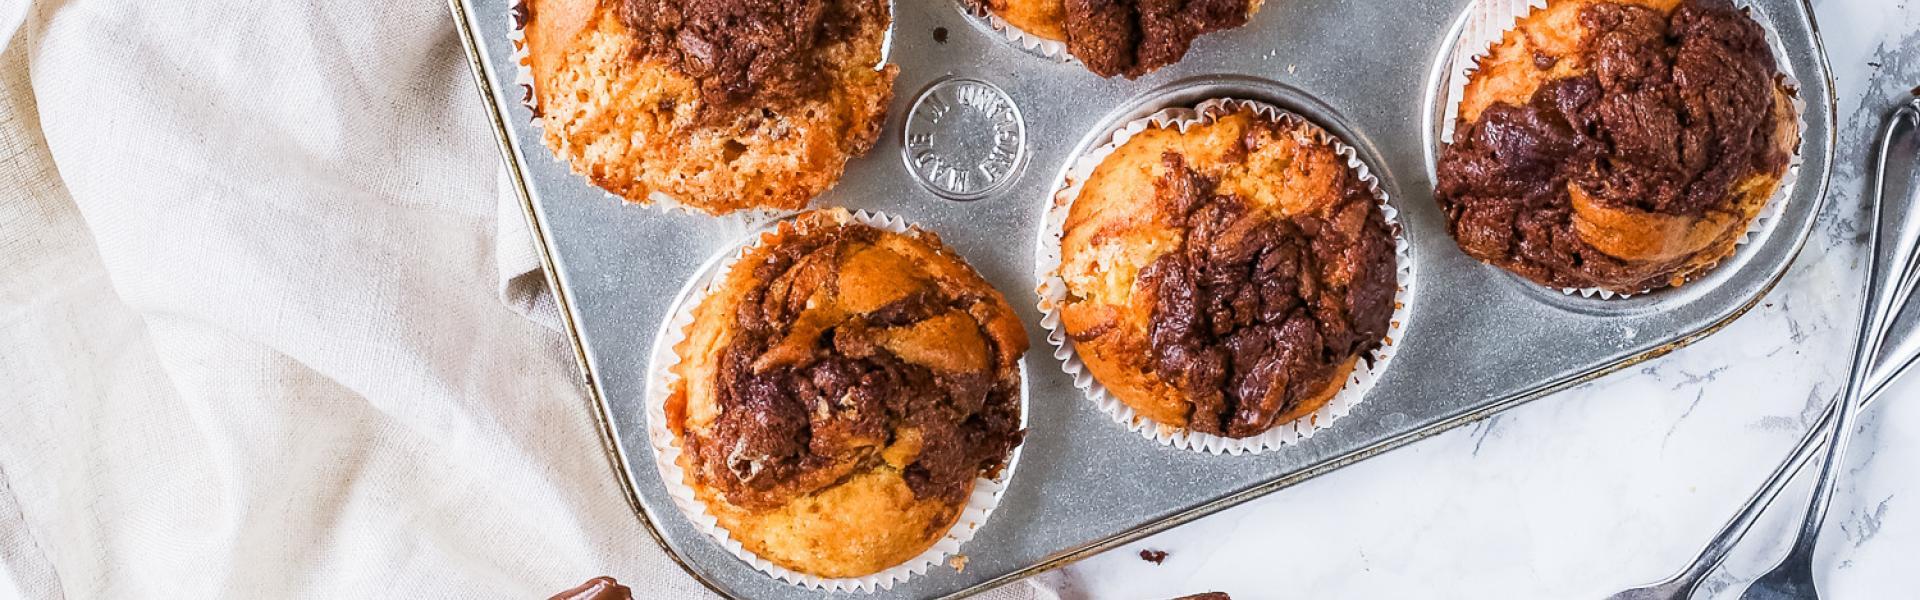 Nutella-Muffins in einer Muffinform